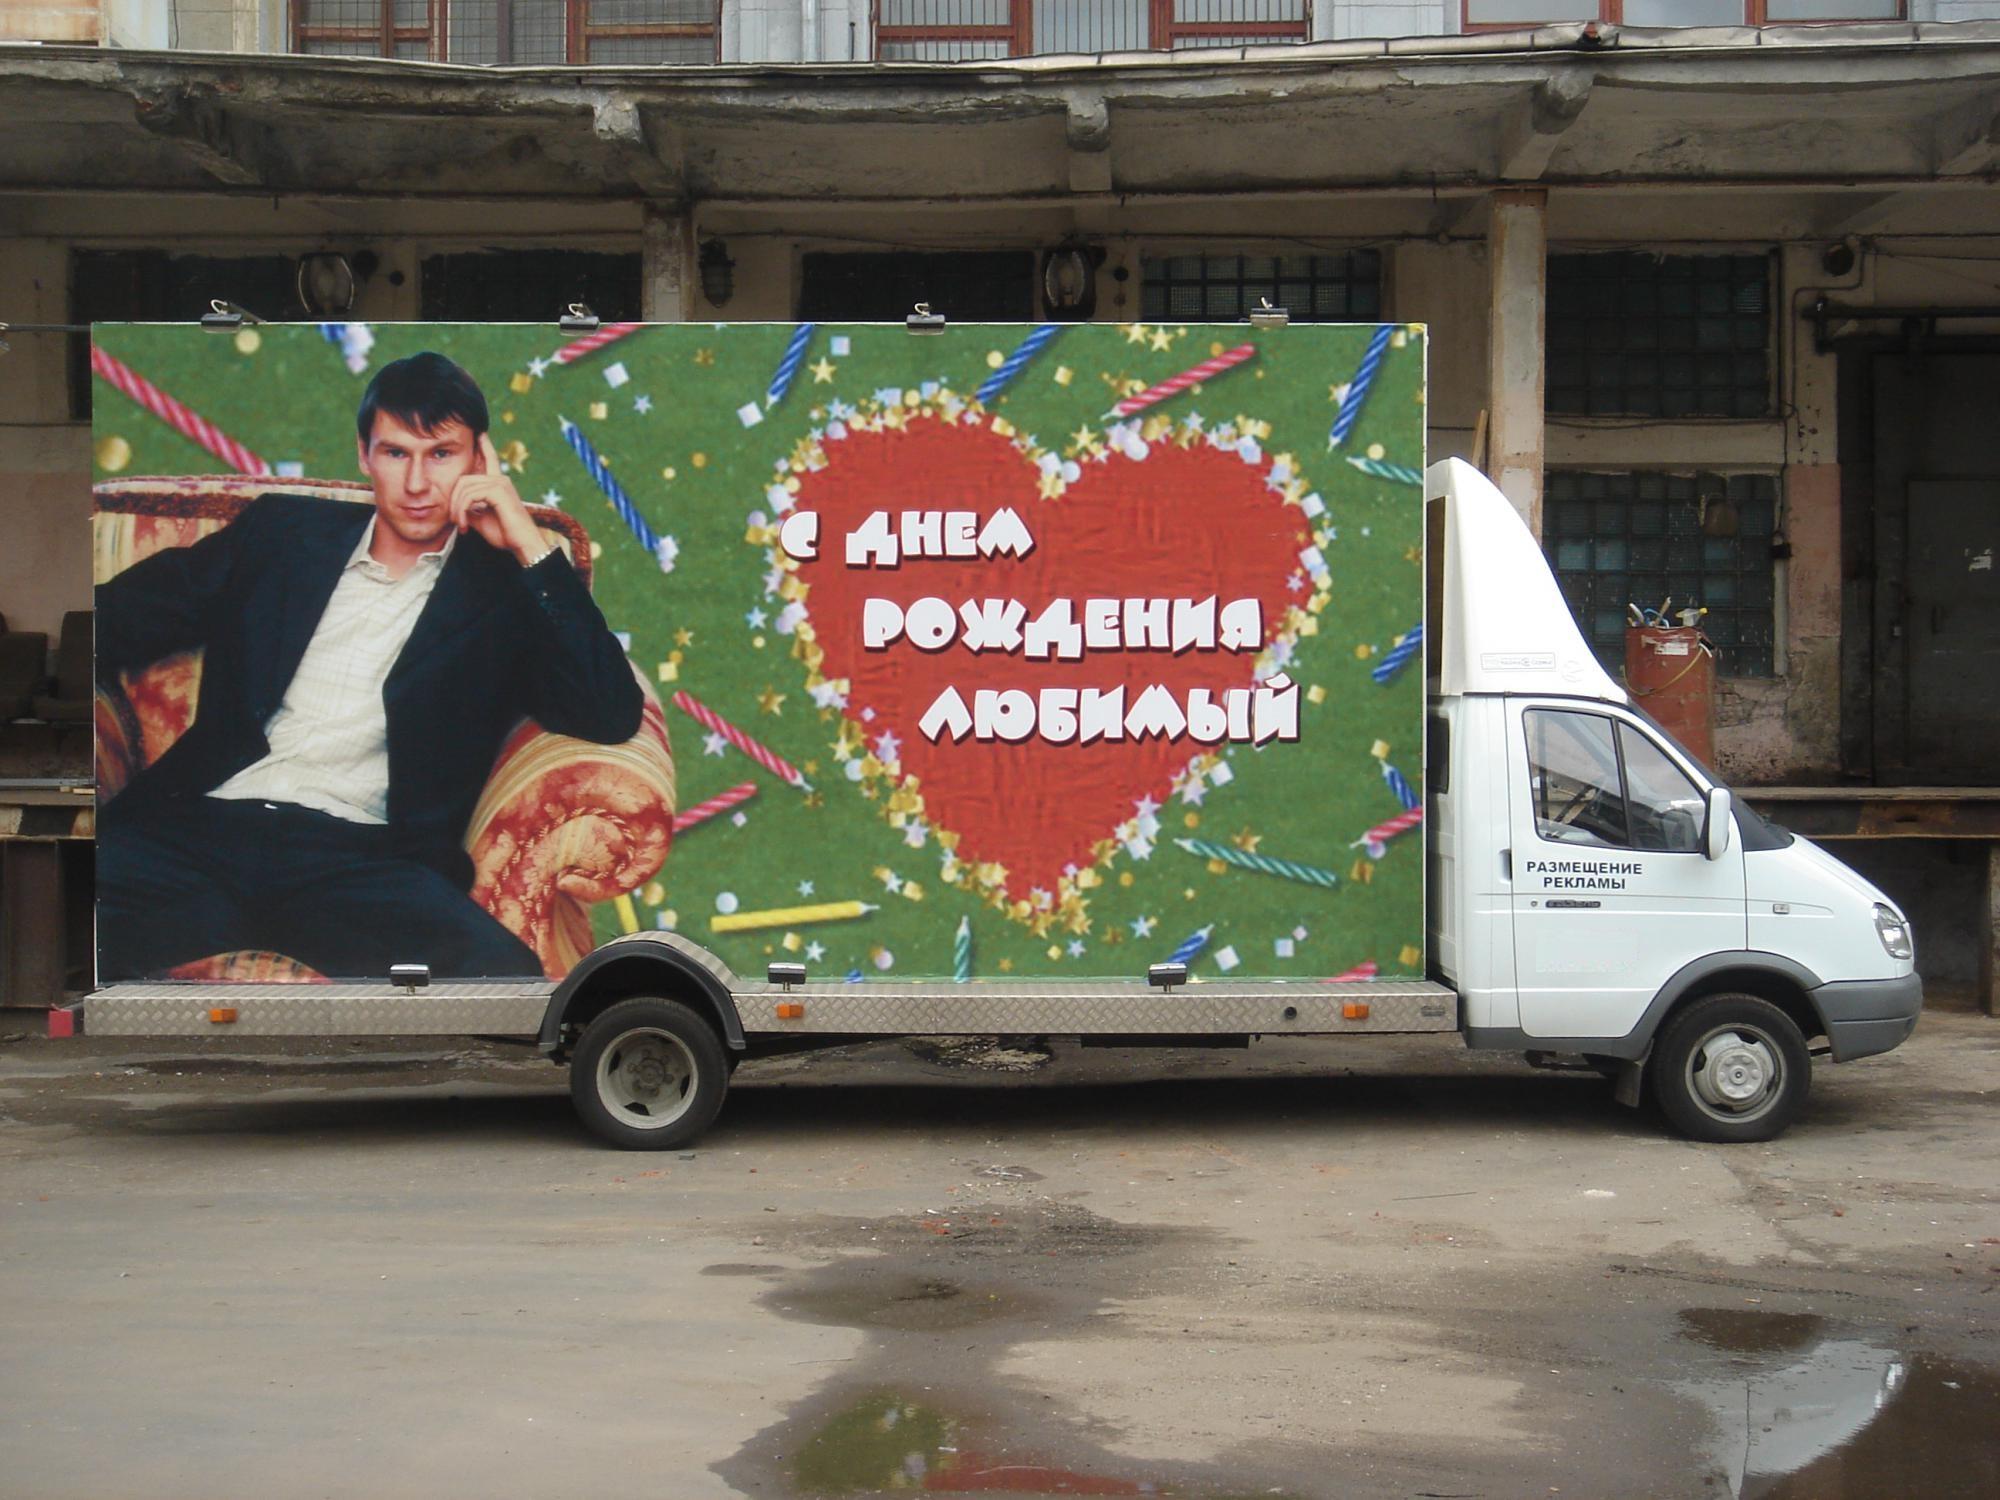 Реклама на Автобилбордах